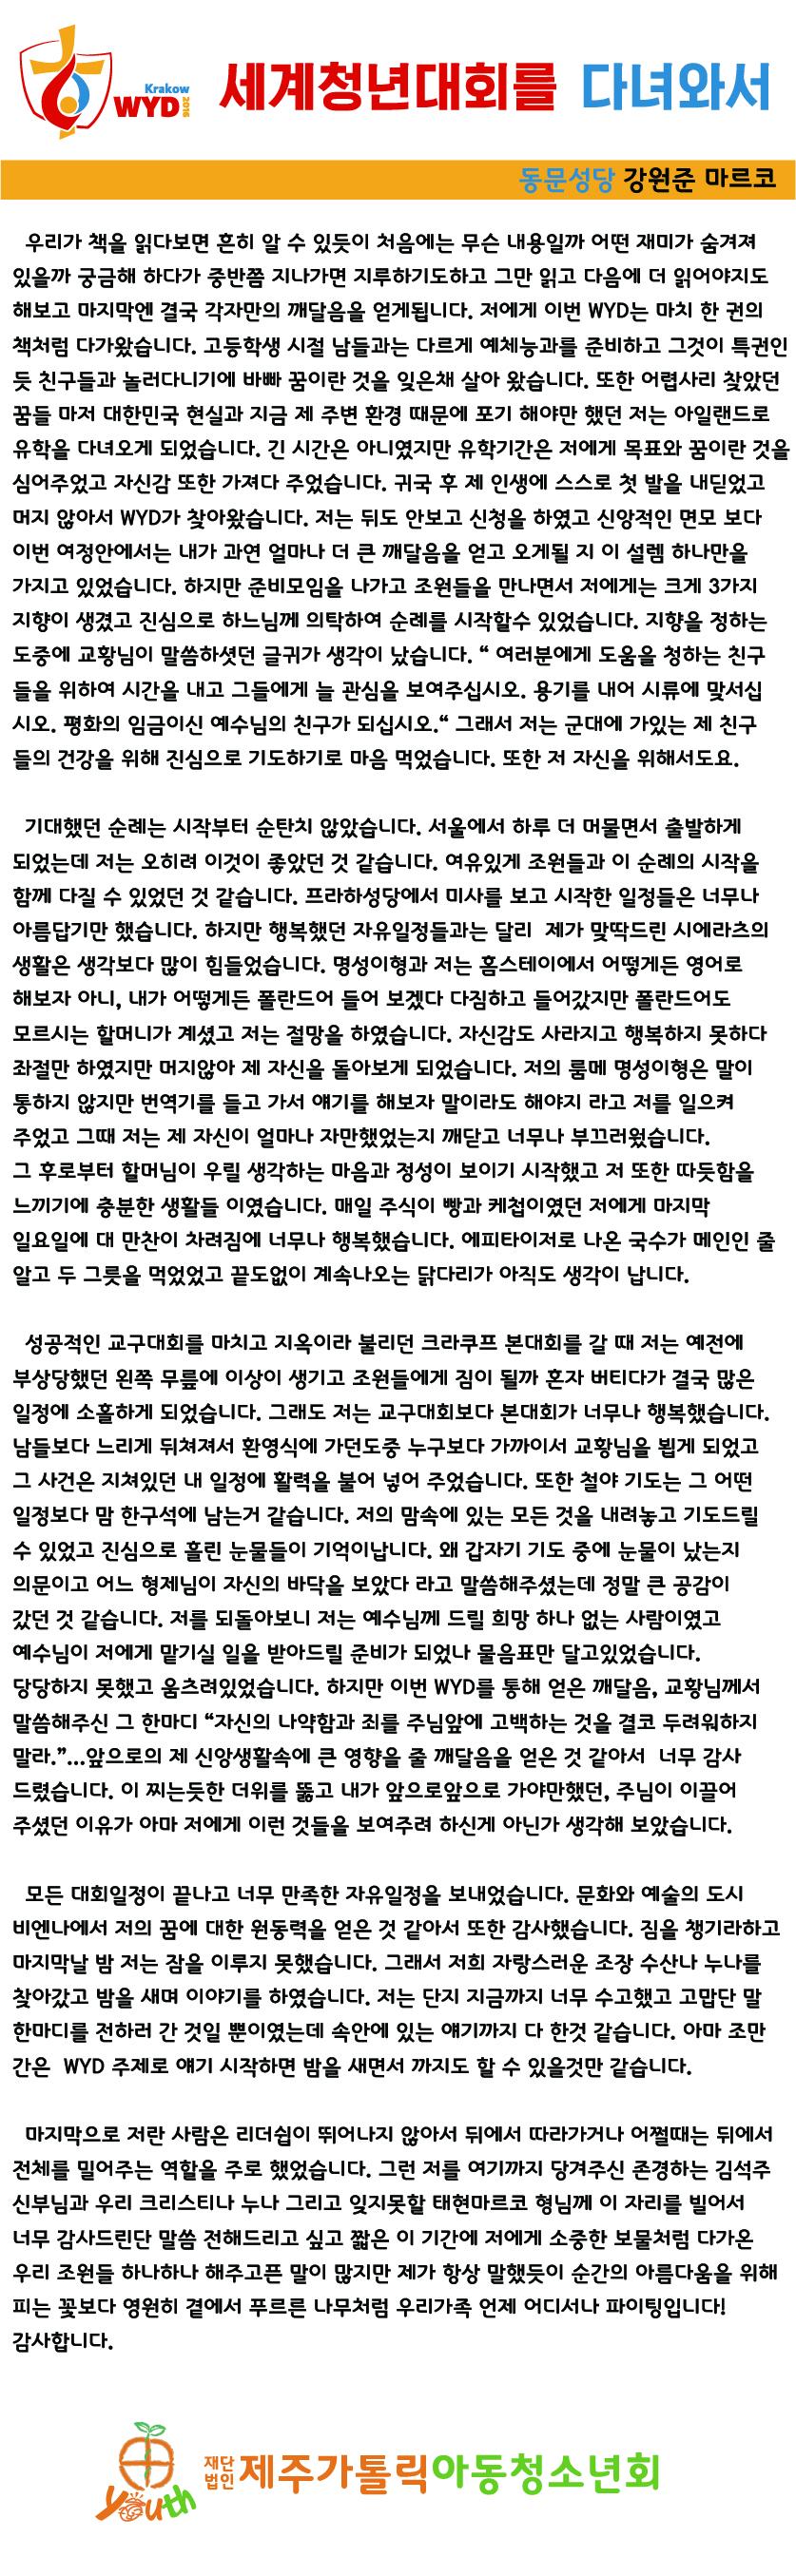 강원준 마르코 체험수기.jpg